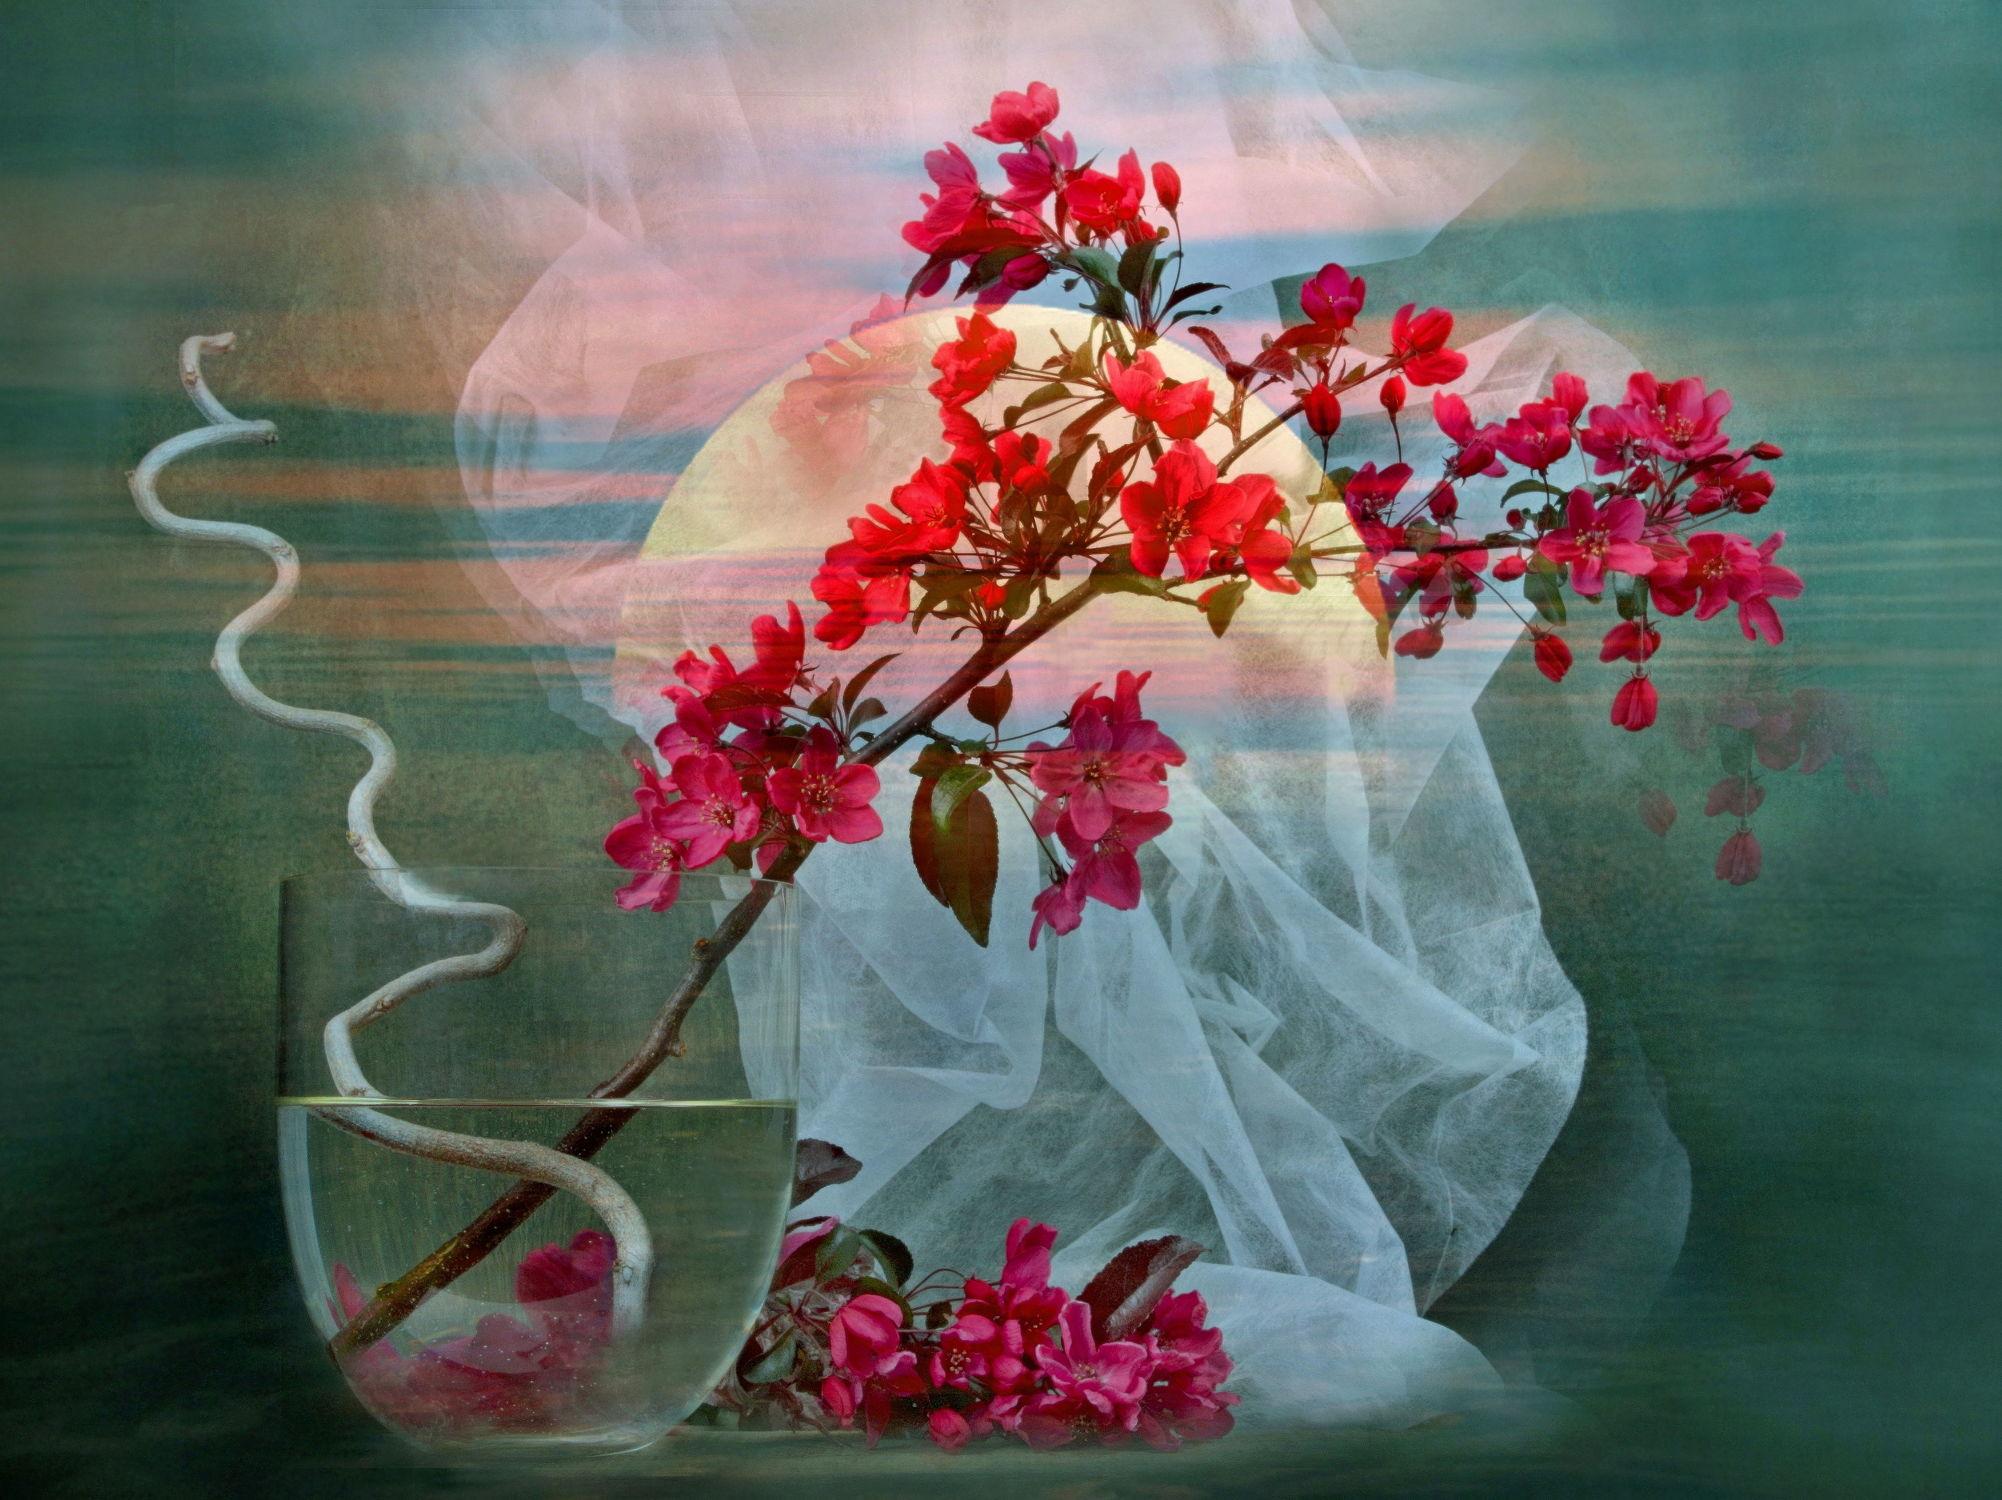 Bild mit Himmel, Wolken, Blumen, Sonne, Blume, Floral, Blüten, Florales, blüte, romantisch, Hochzeit, vase